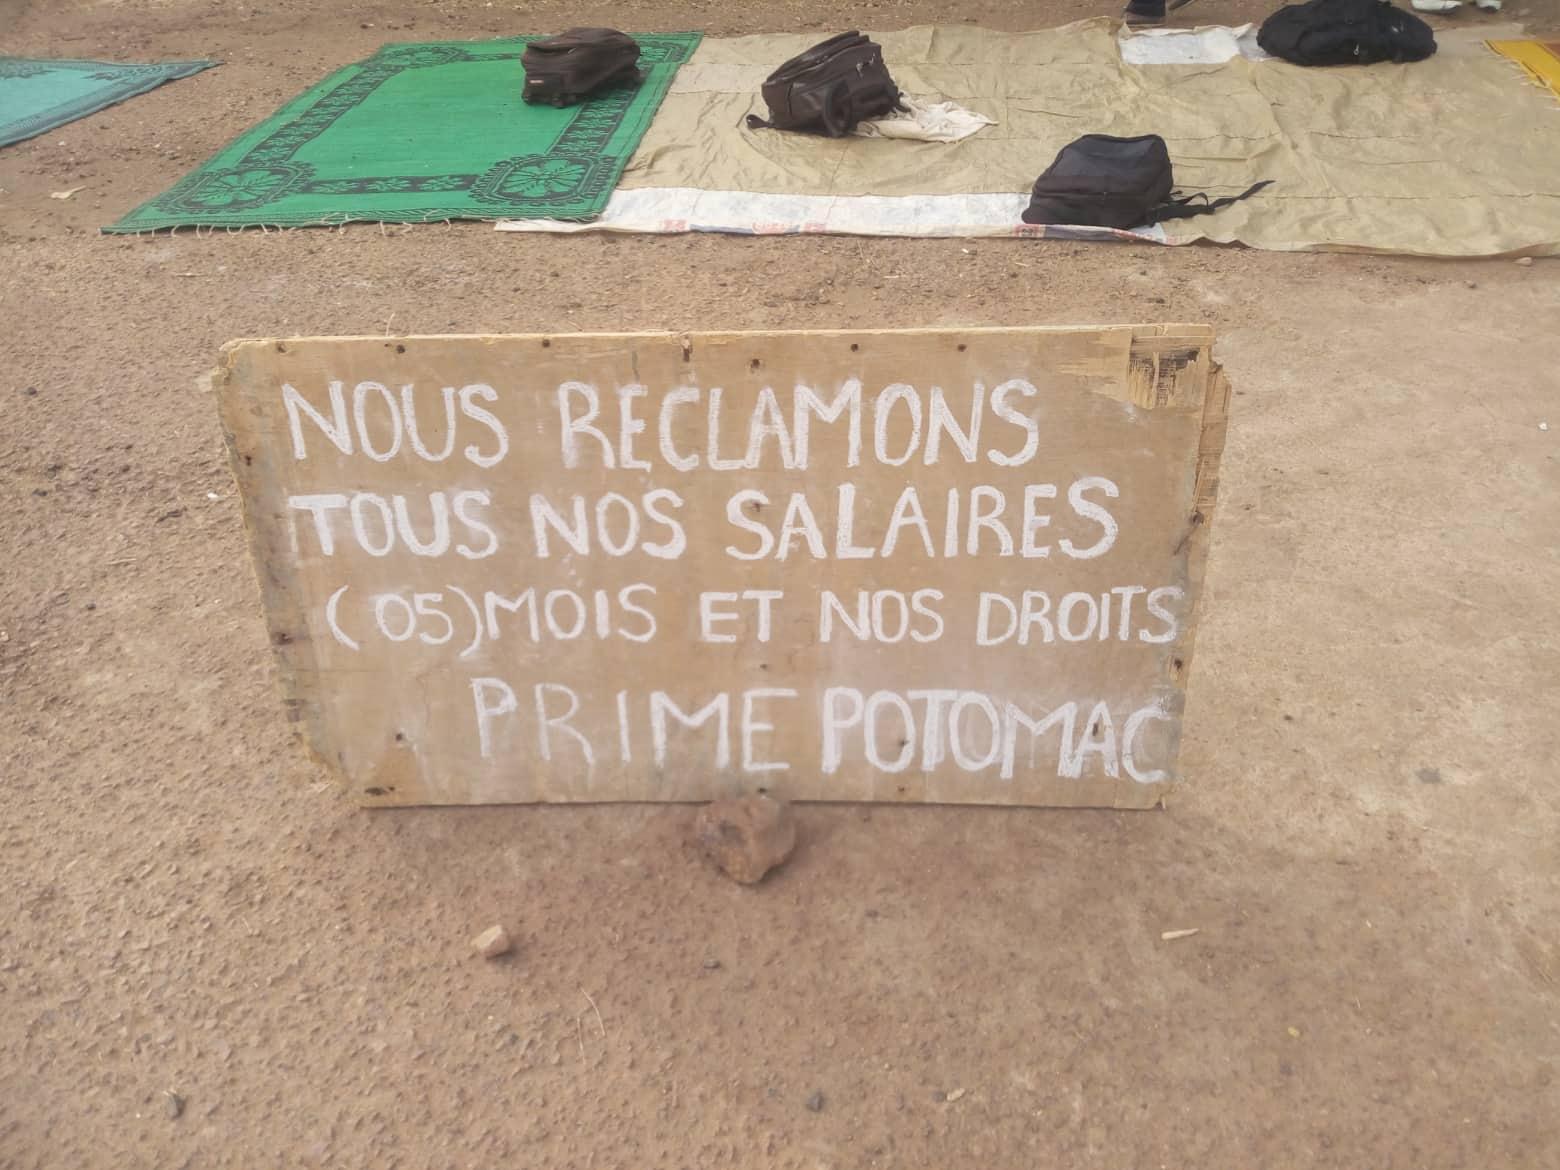 Garoua : sit-in des employés de Prime Potomac devant les…